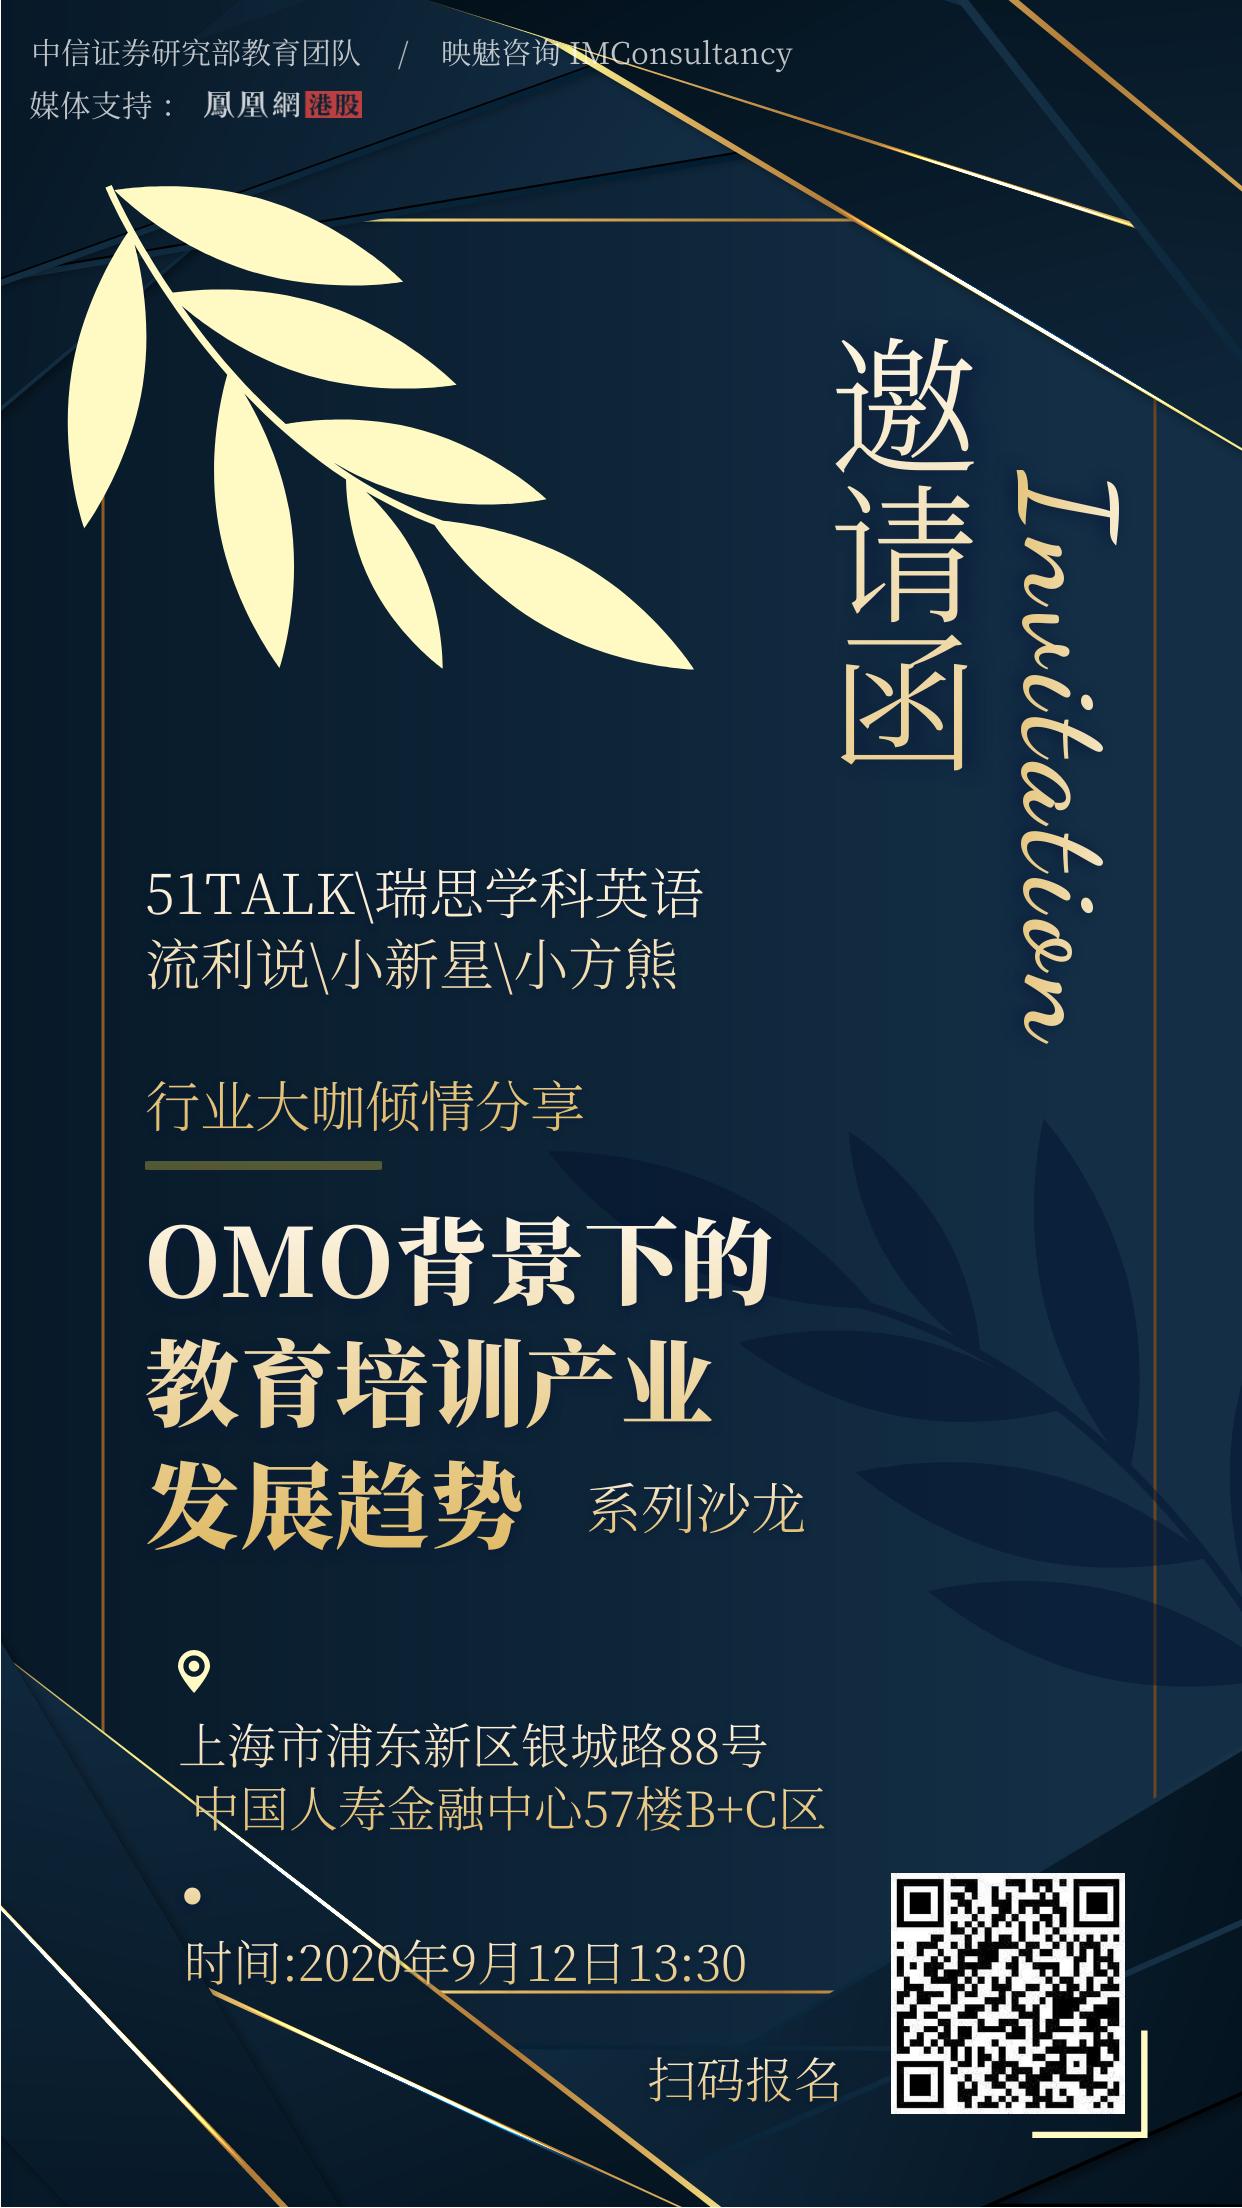 9月12日上海 | 映魅咨询、中信证券教育研究团队、凤凰网港股联合举办英语教育培训主题论坛